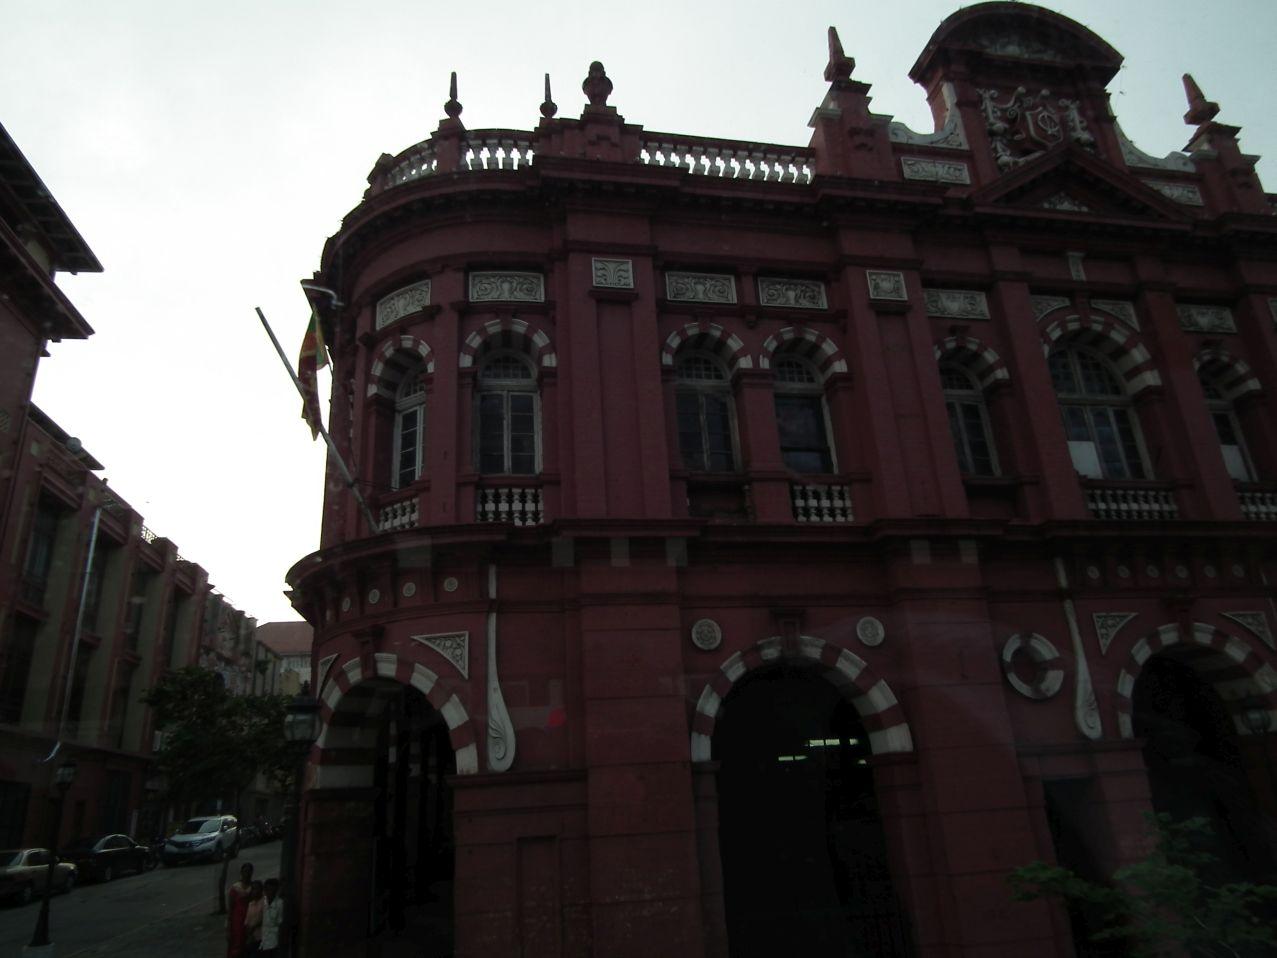 Angielska kolonialna zabudowa w centrum Kolombo